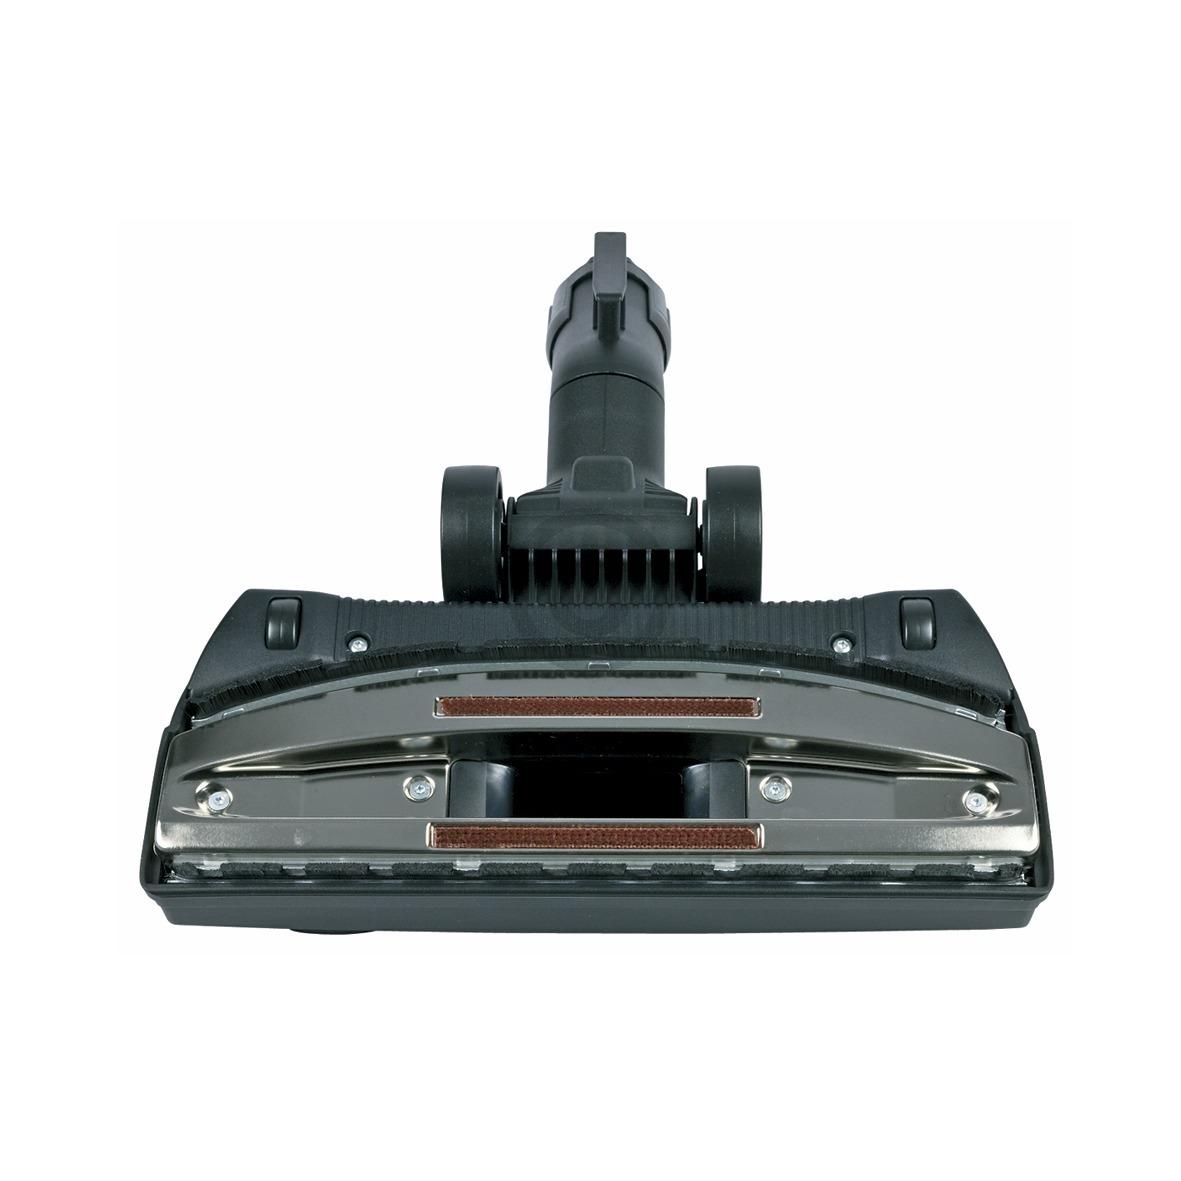 Bosch 00575388 SILEN CLEAN PREMIUM BODENDÜSE schwarz für Staubsauger